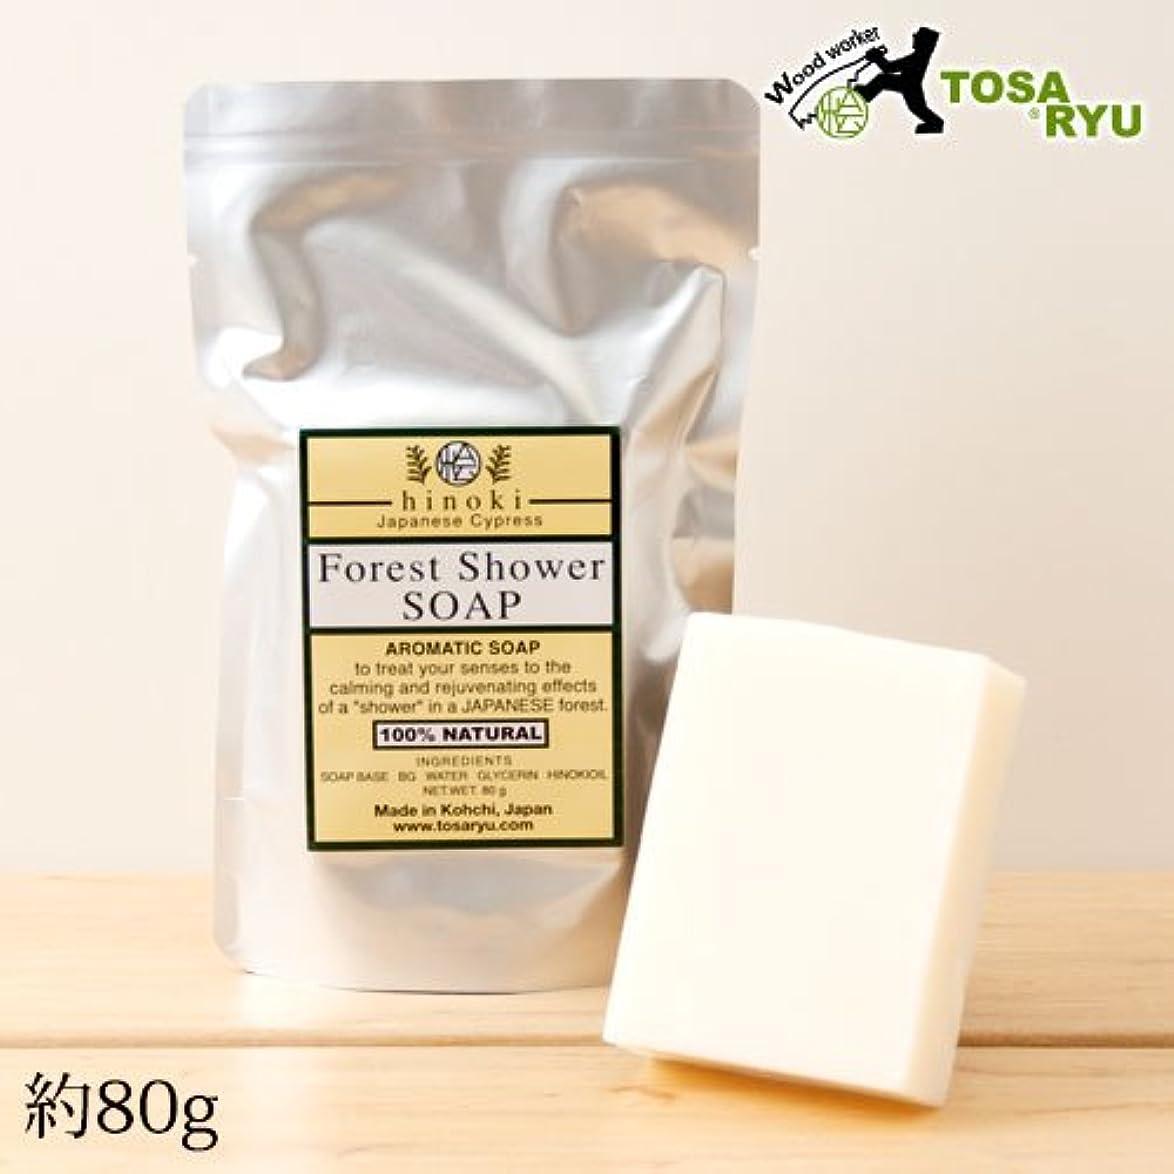 病院週末スリーブTosaryu, FOREST SHOWER SOAP, Aroma soap scent of cypress, Kochi craft